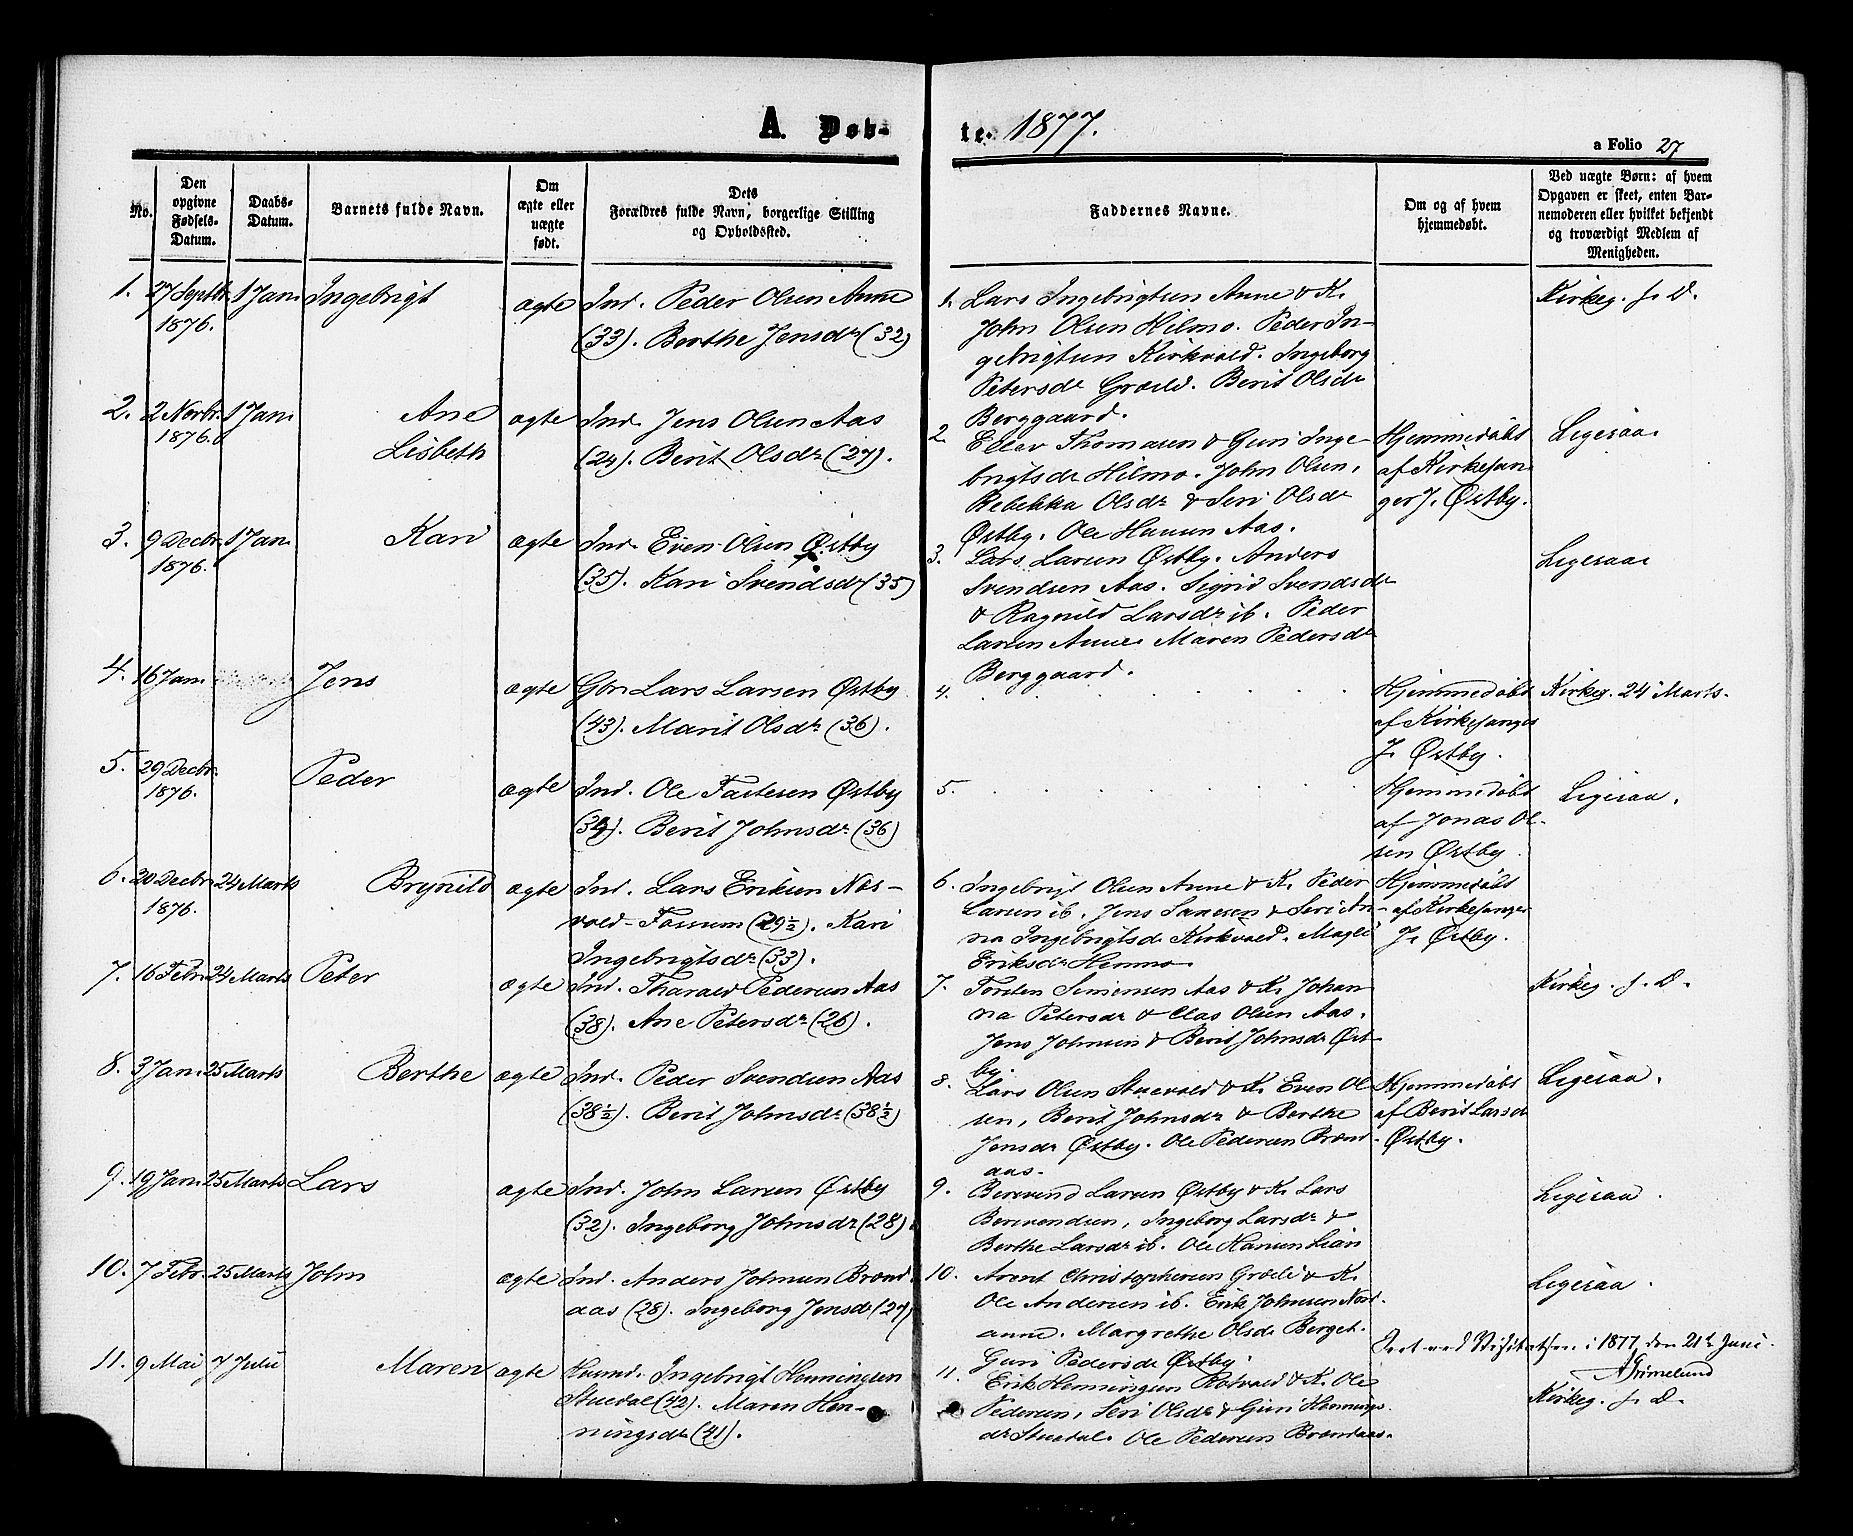 SAT, Ministerialprotokoller, klokkerbøker og fødselsregistre - Sør-Trøndelag, 698/L1163: Ministerialbok nr. 698A01, 1862-1887, s. 27